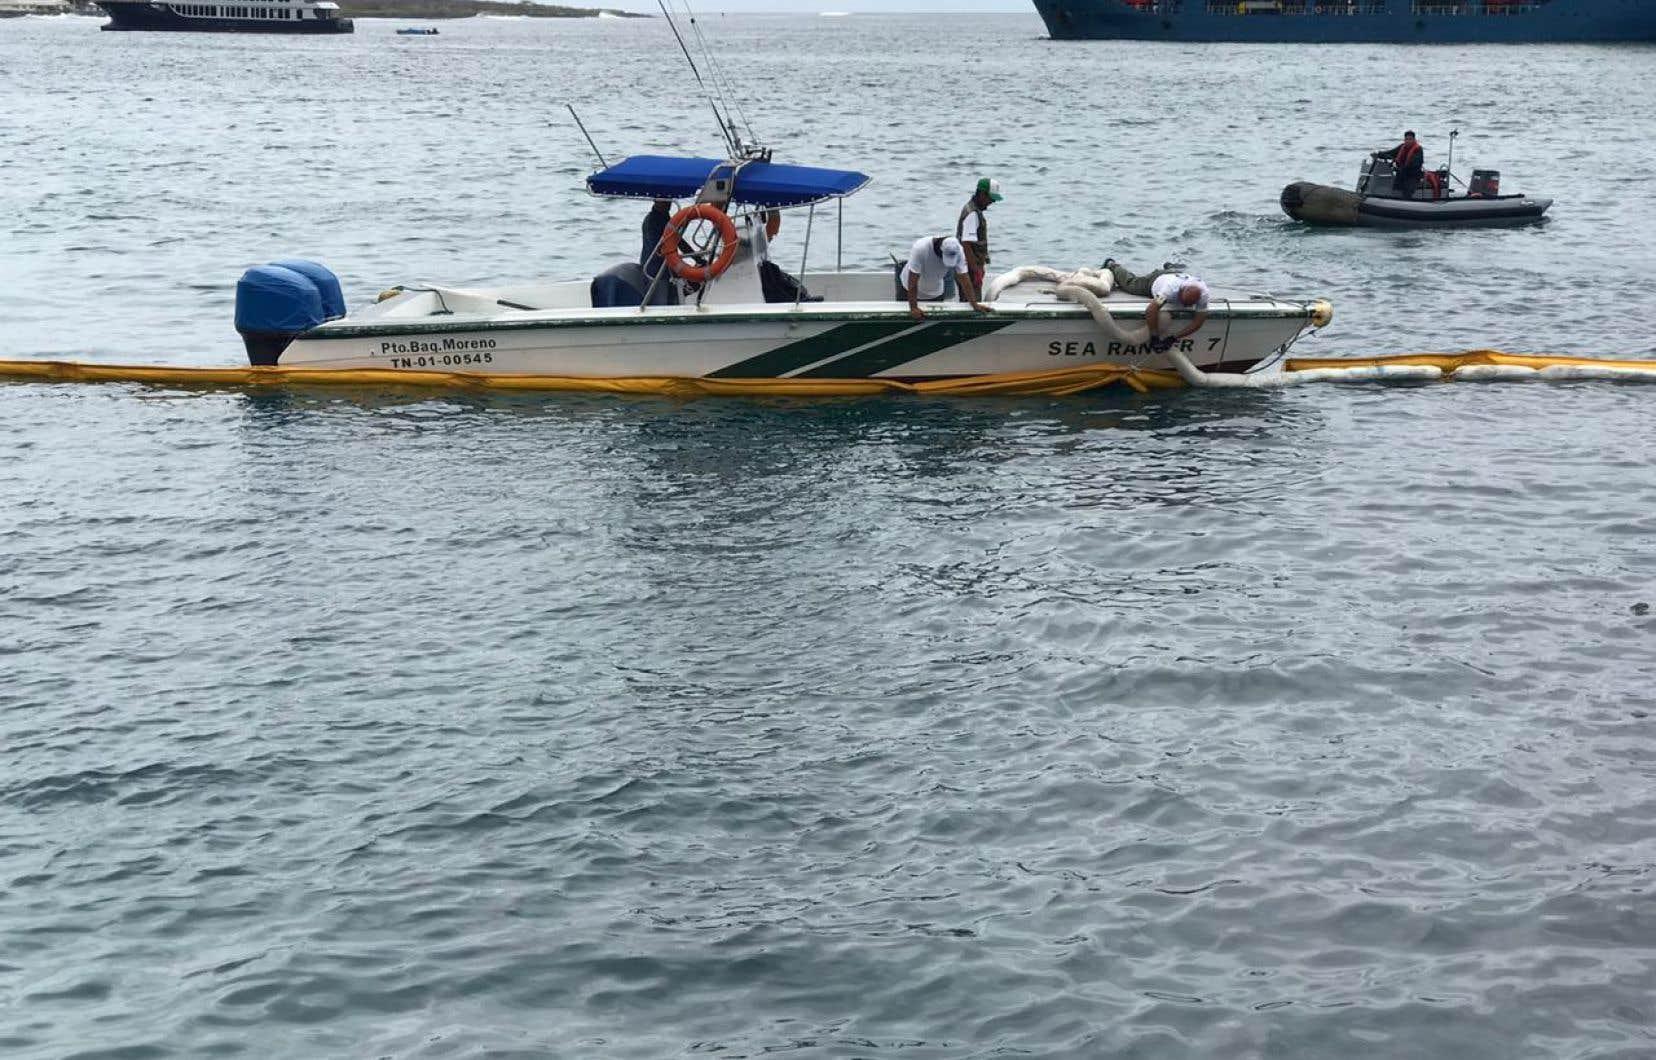 <p>Du personnelmilitaire et environnemental placentdes barrières de contention après le naufrage d'une barge contenant près de 2300 litrede diesel.</p>